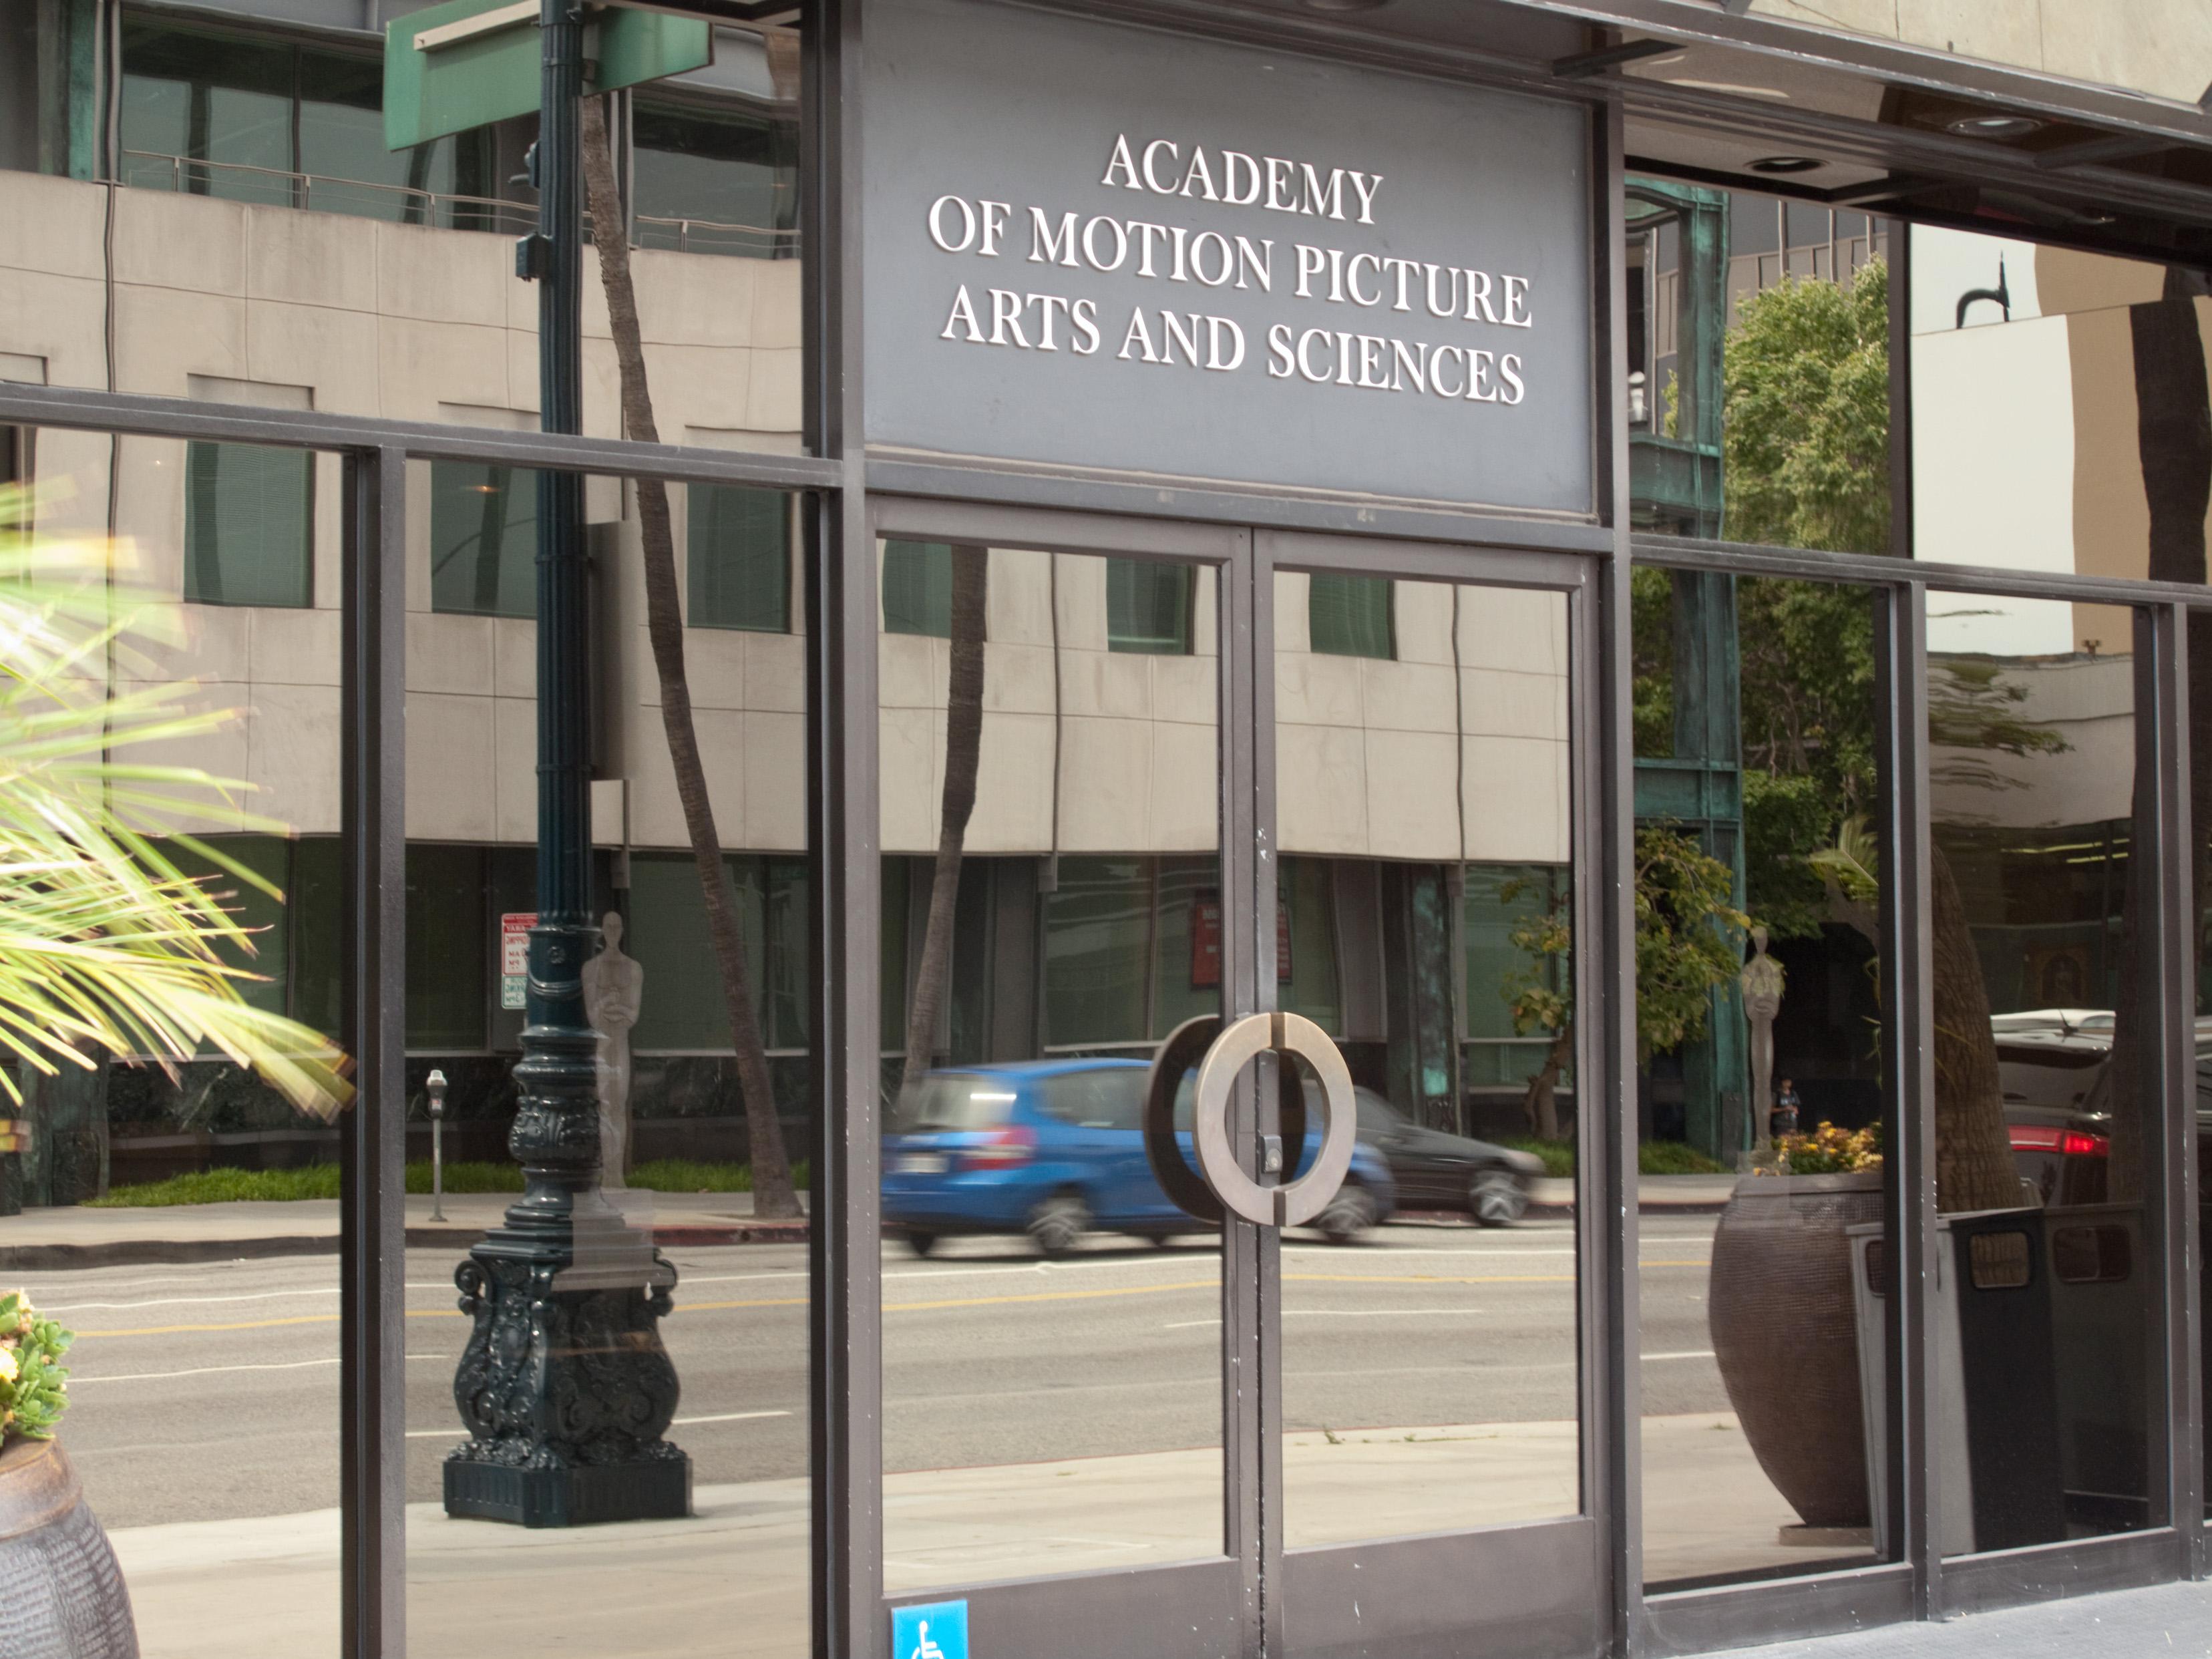 Il dipartimento di giustizia teme i servizi come Apple TV+ e mette in guarda gli Oscar